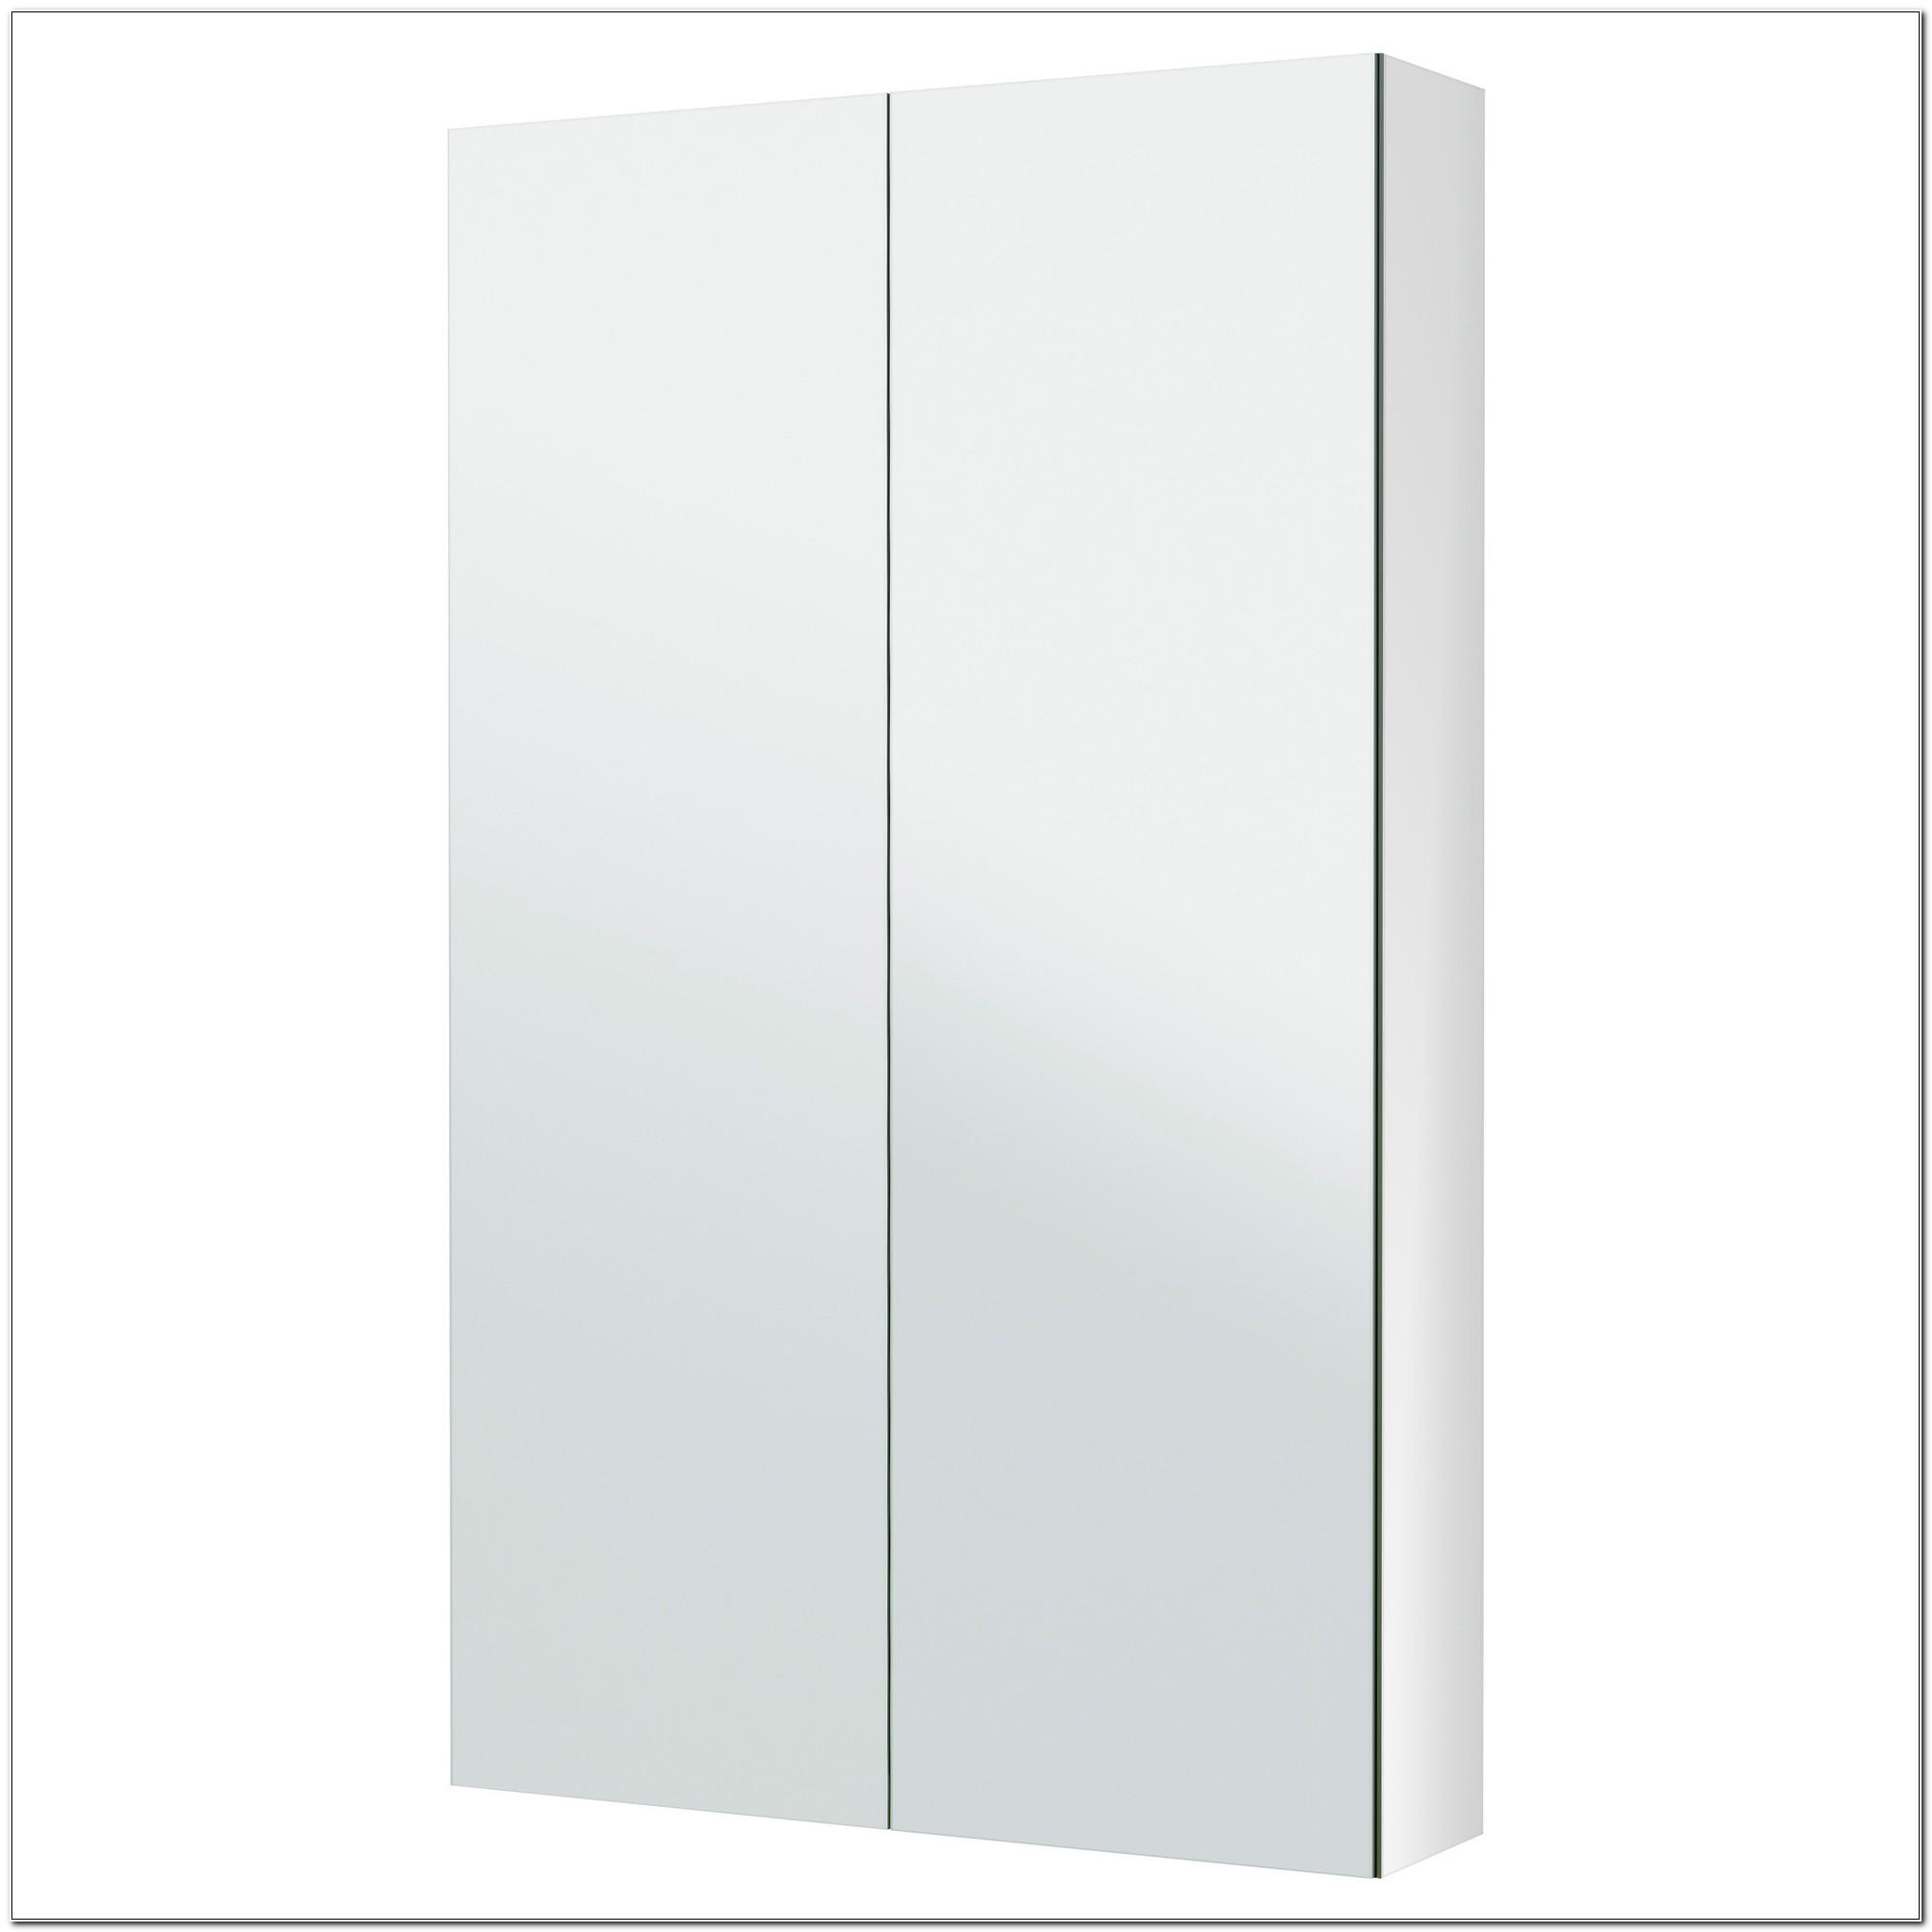 Mirror Bathroom Cabinet Ikea